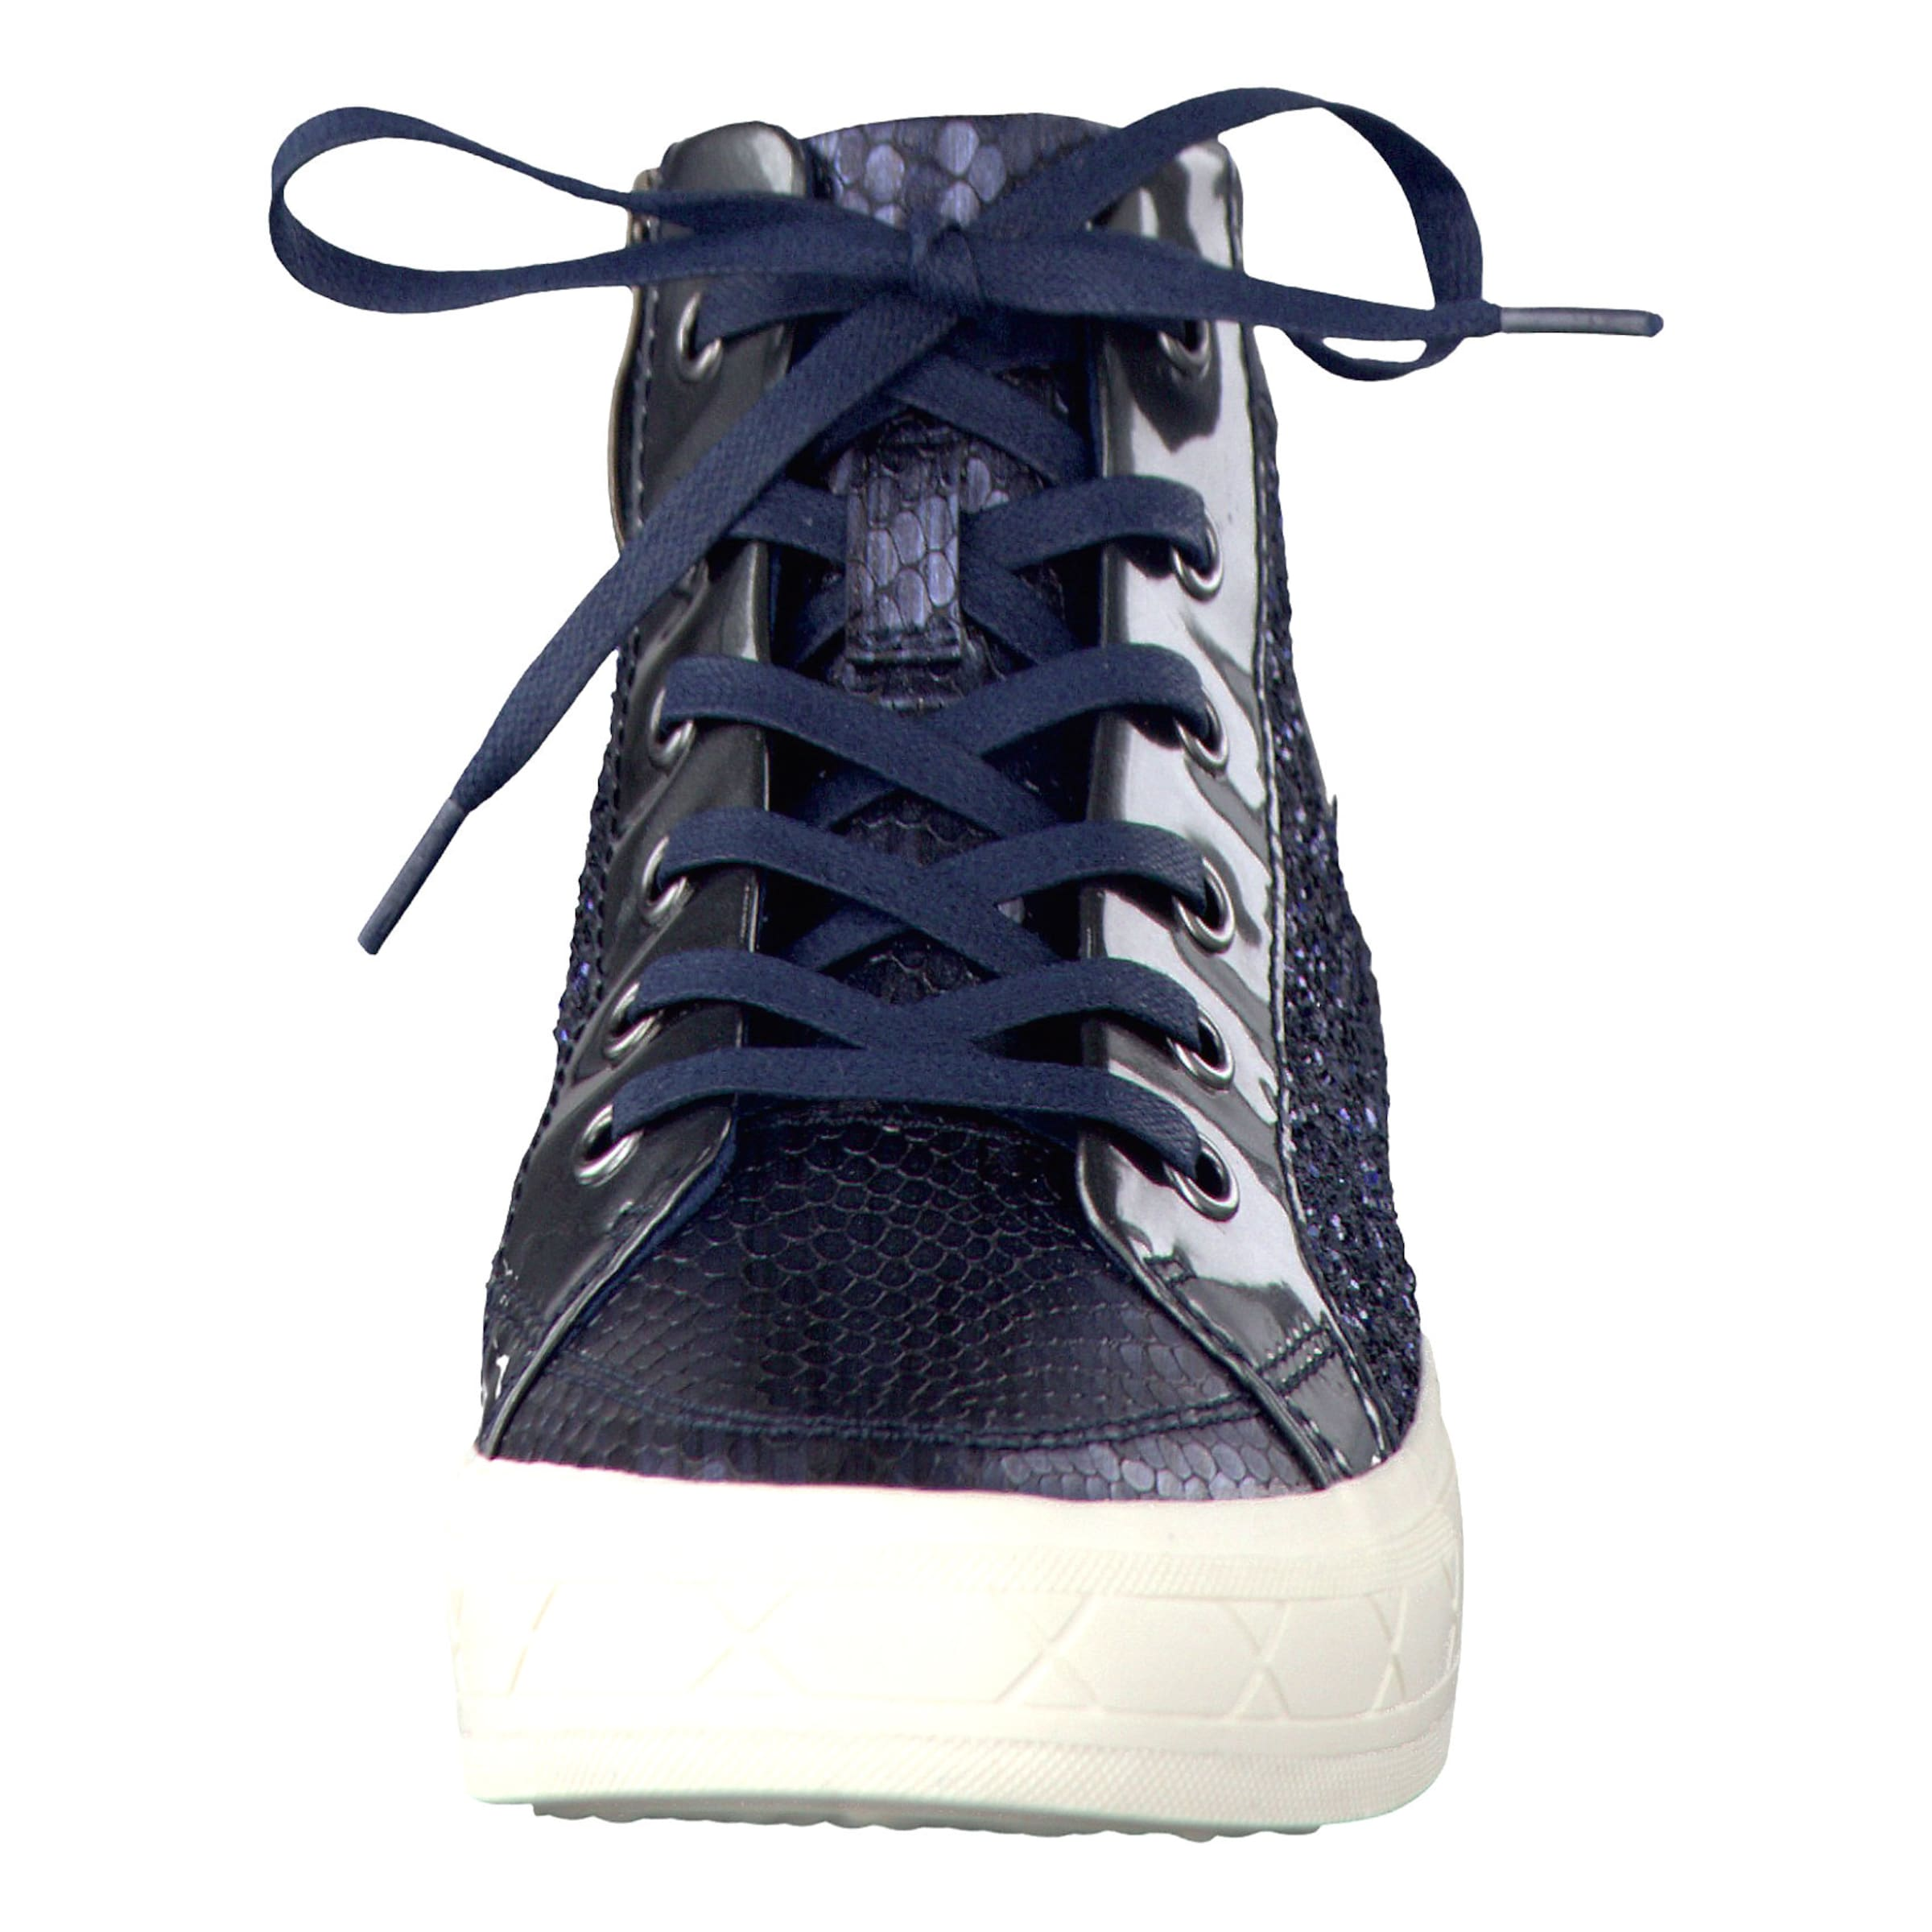 TAMARIS Sneaker High Manchester Verkauf Blick ip9eJy6A